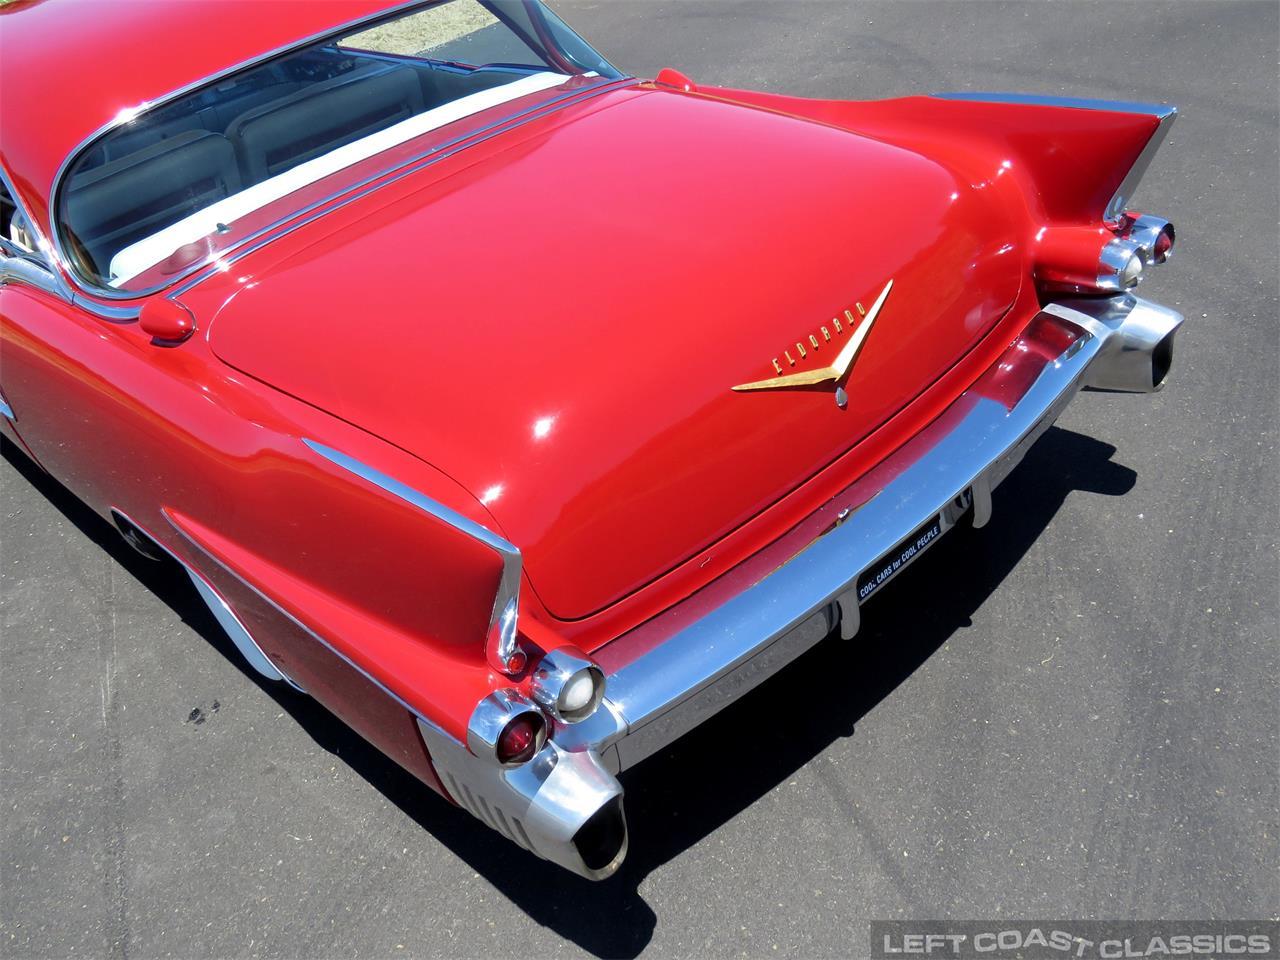 Large Picture of 1956 Cadillac Eldorado Seville located in California - $39,500.00 - QD3M